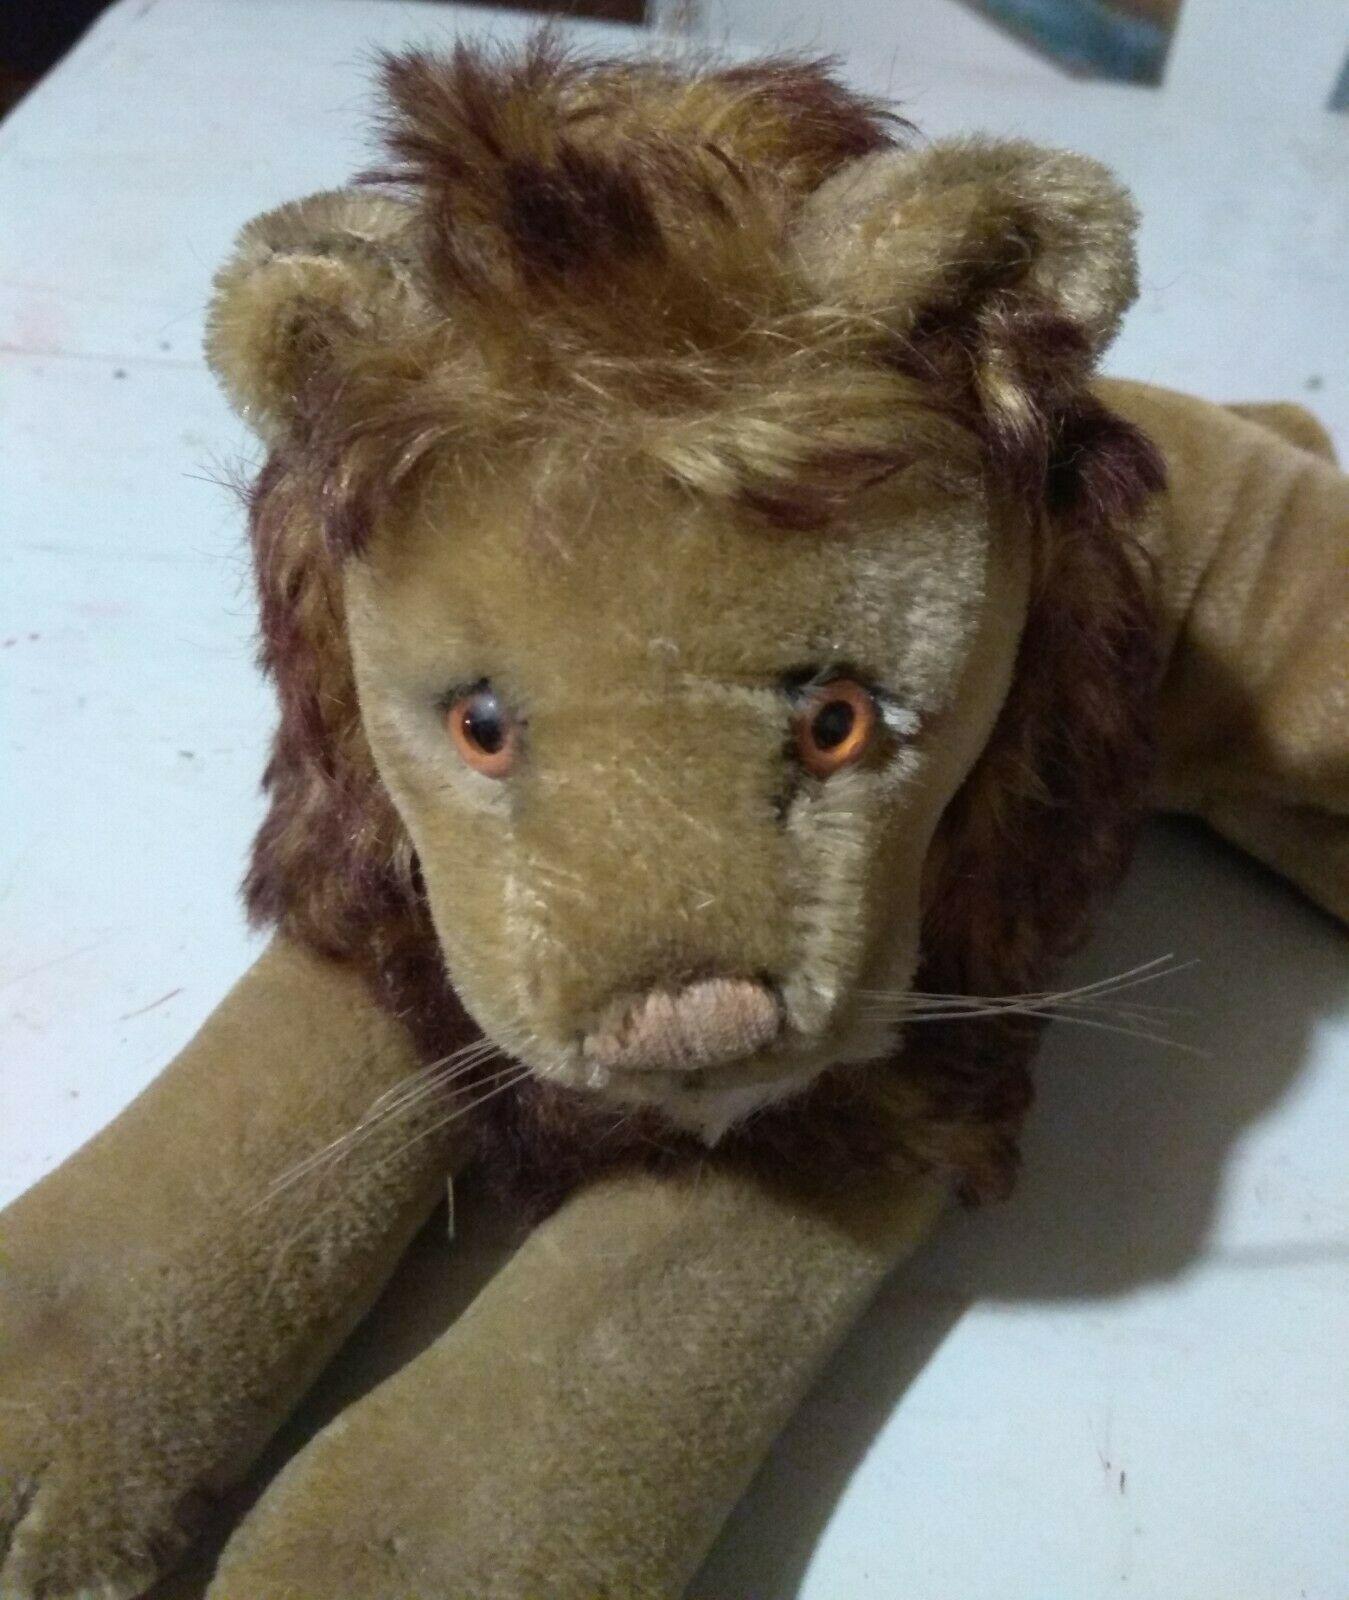 Vintage Steiff stuffed animal lion